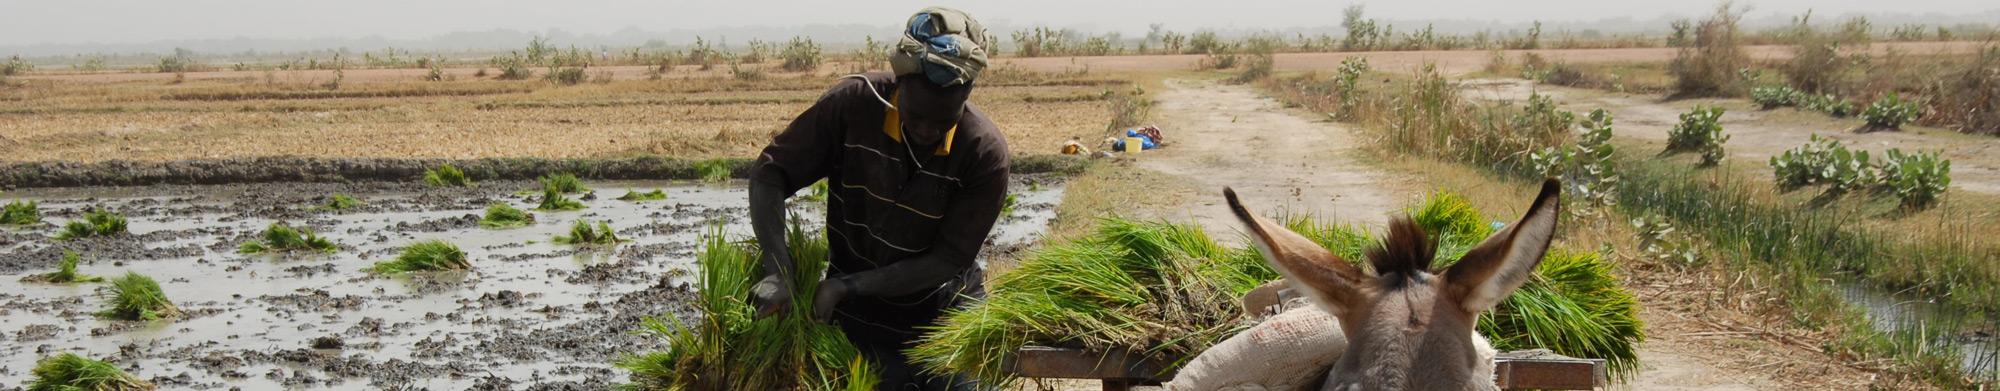 FASO JIGI, l'espoir du peuple